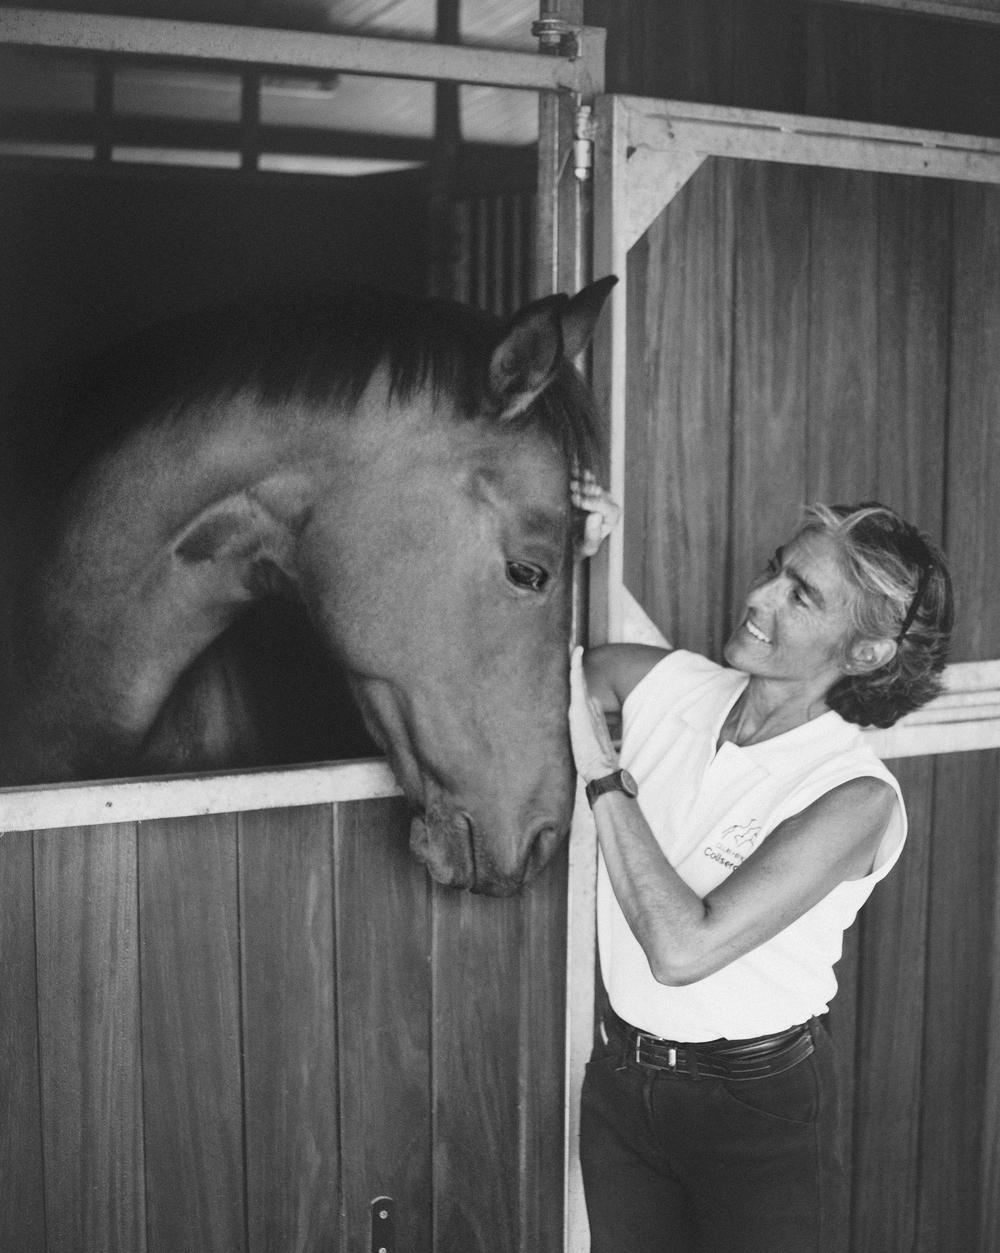 Dolores con caballo en box.jpg